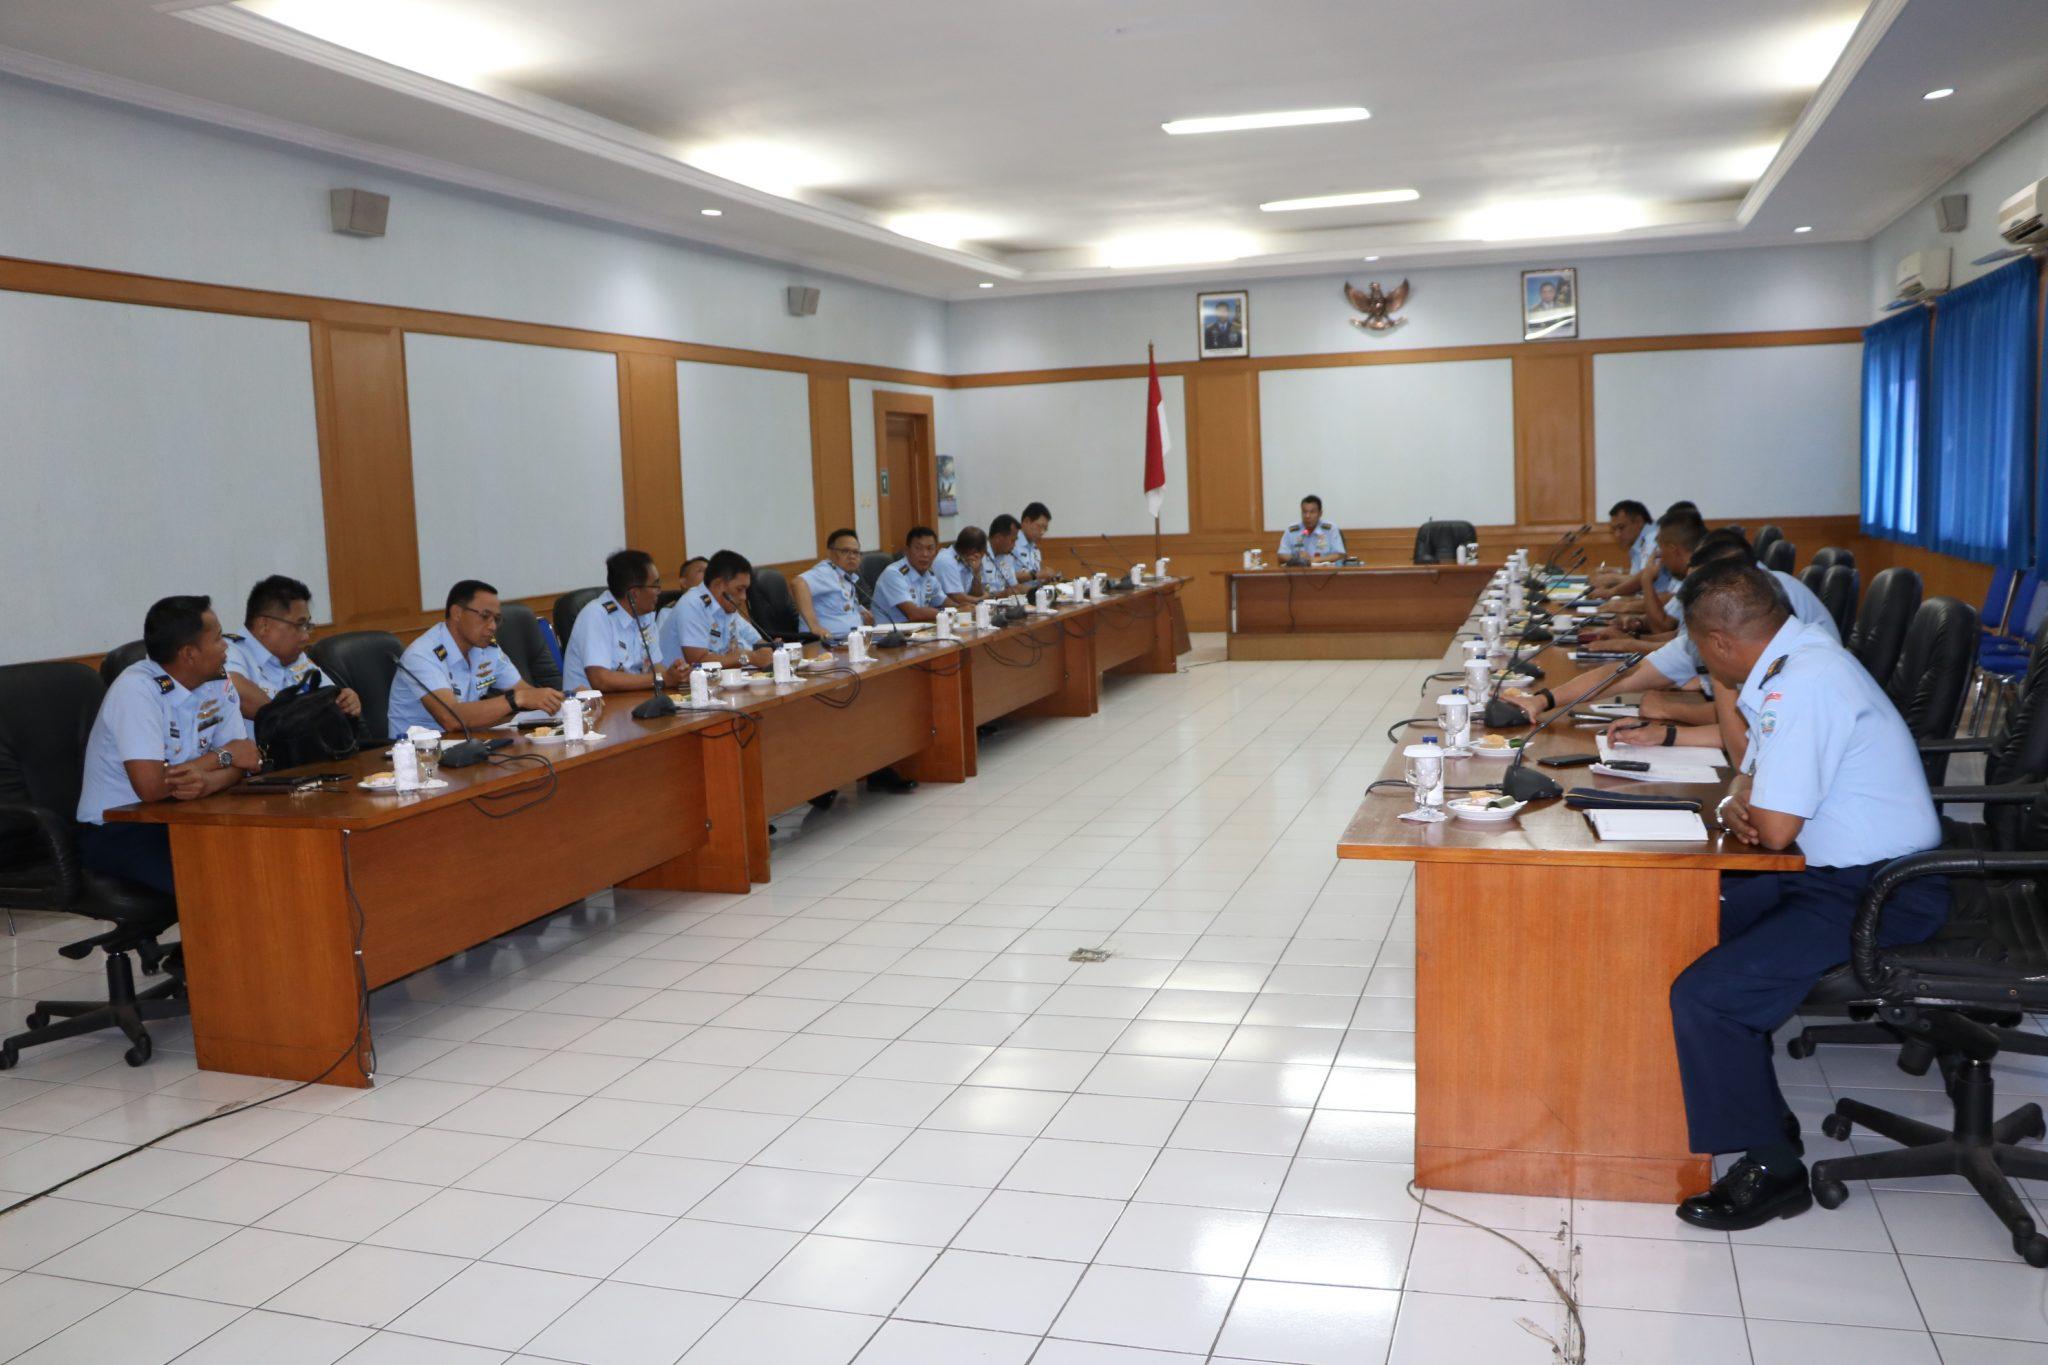 Rapat Pemeliharaan Genset TA 2019 di Mako Koharmatau